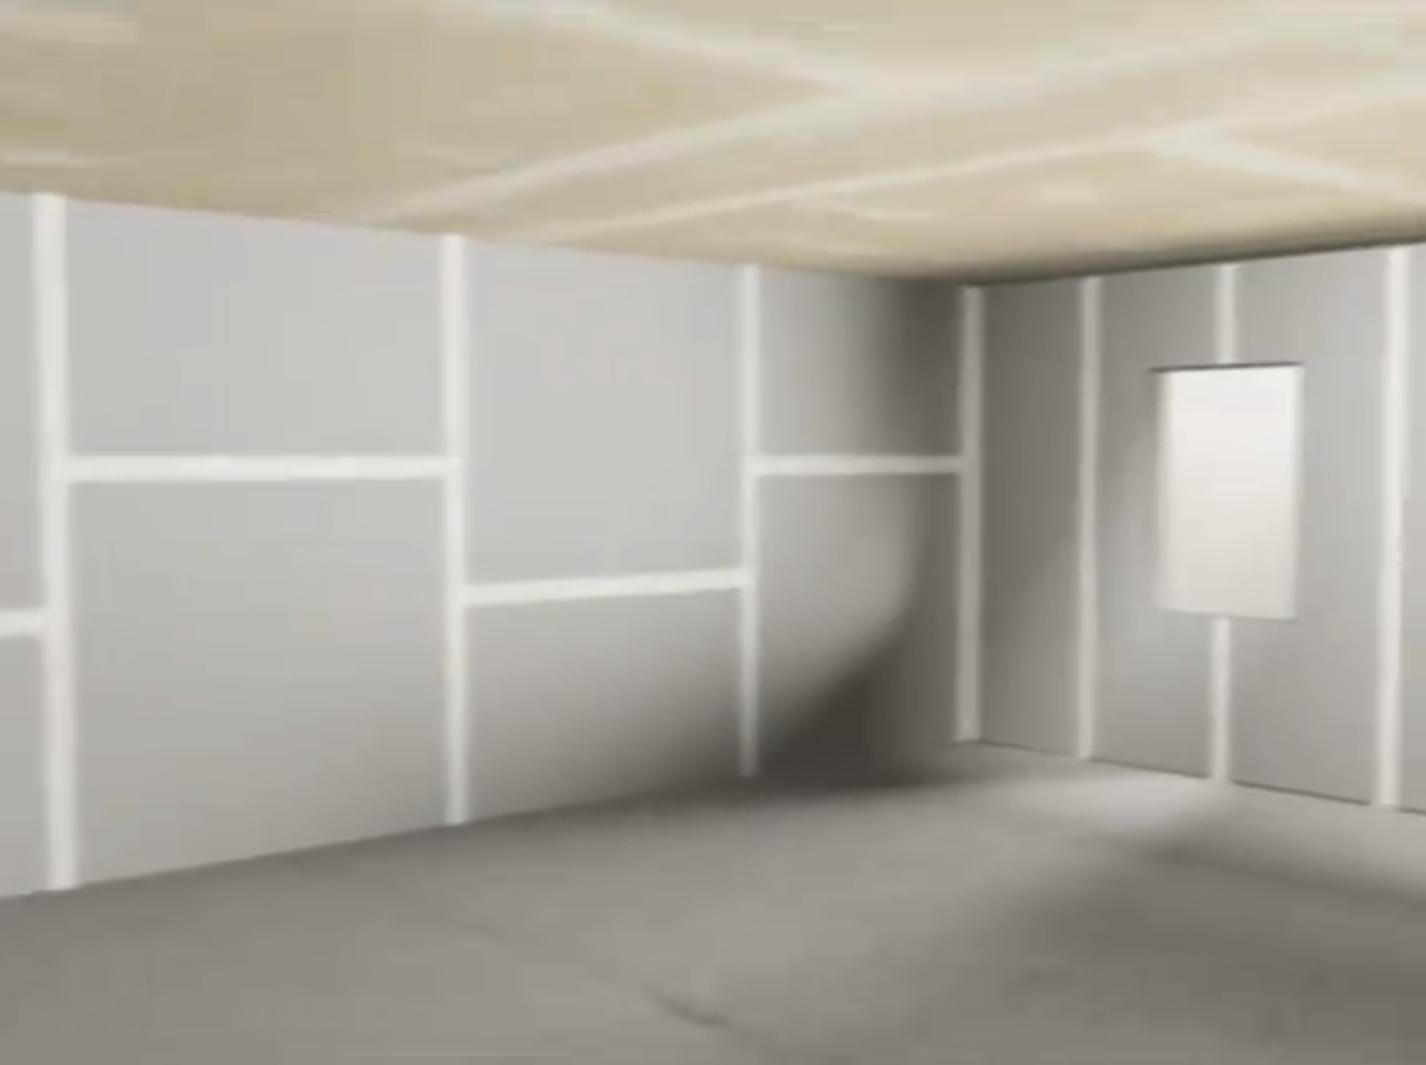 Cappotto termico interno pannelli termoisolanti - Isolamento acustico interno ...